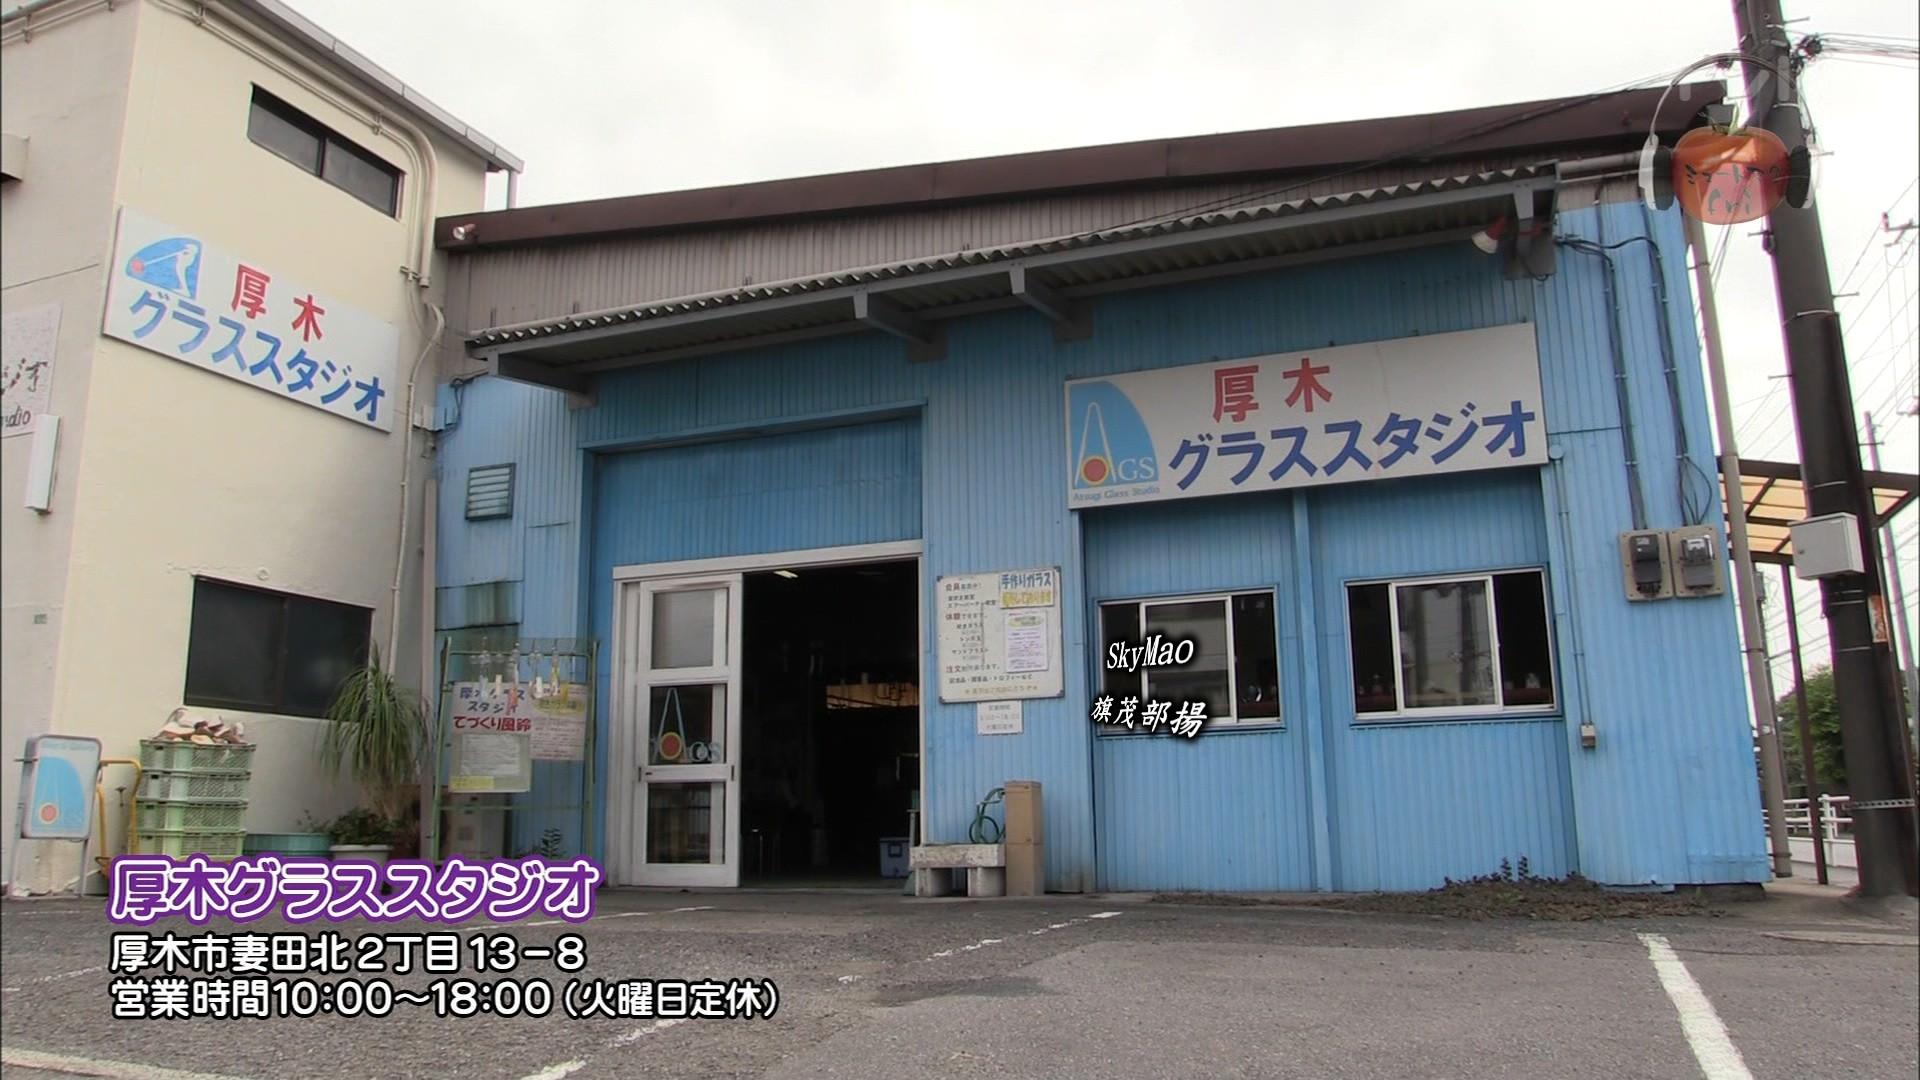 2017.09.15 全場(ミュートマ2).ts_20170916_003221.960